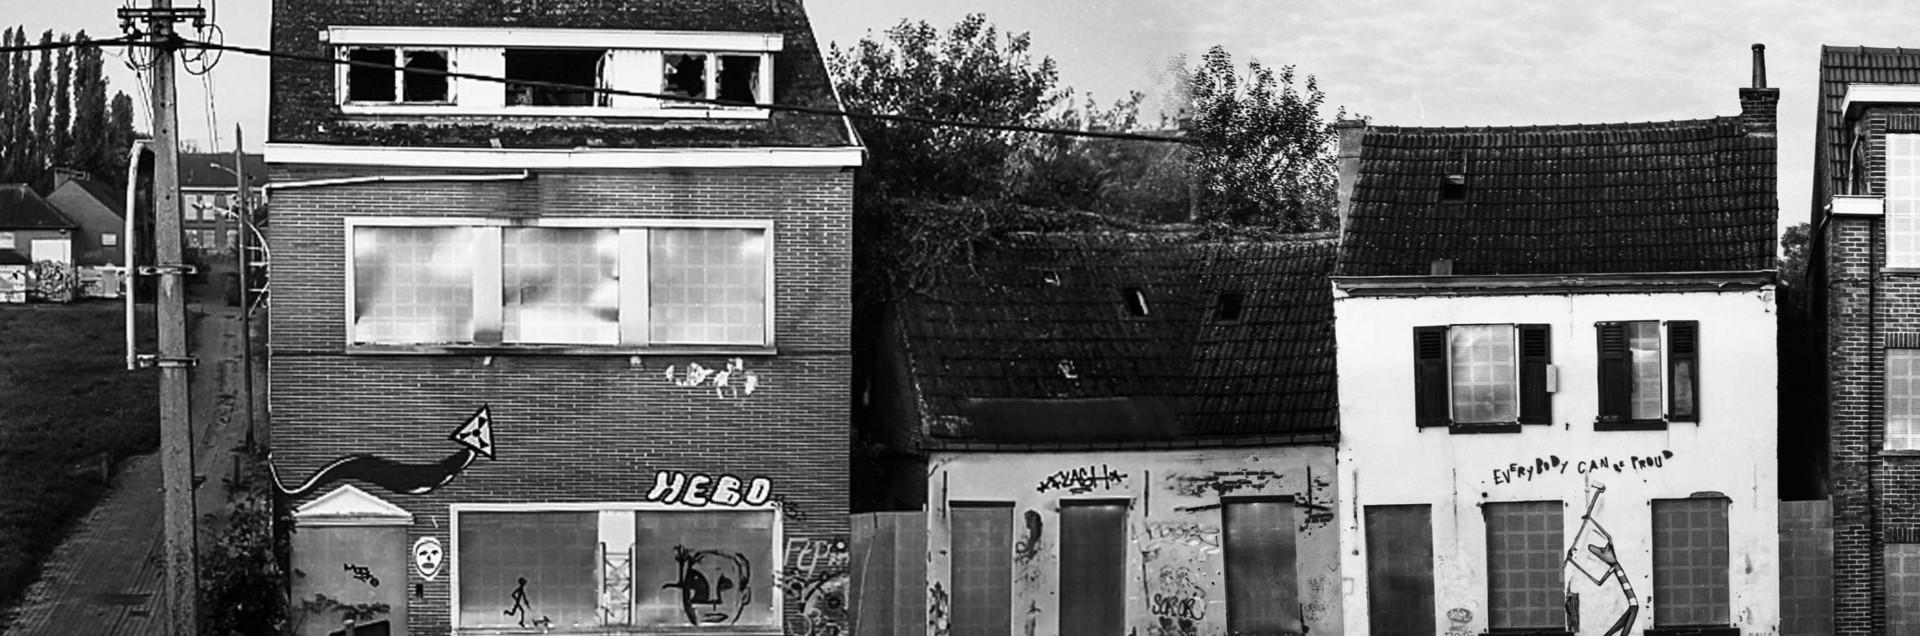 Doel, il villaggio che scompare